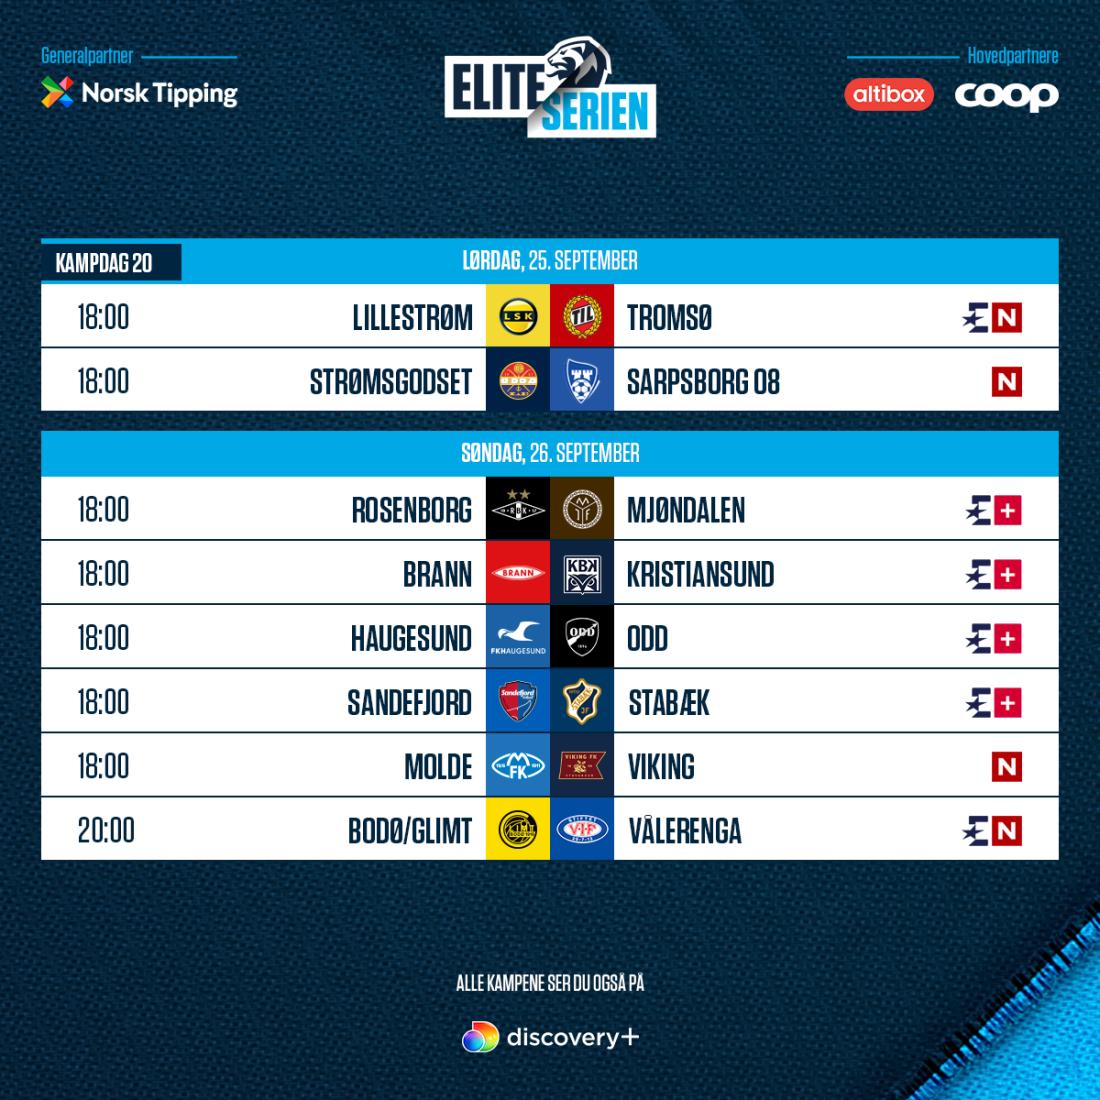 Eliteserien - 2021 - Rundeoppsett - Kampdag 20.png